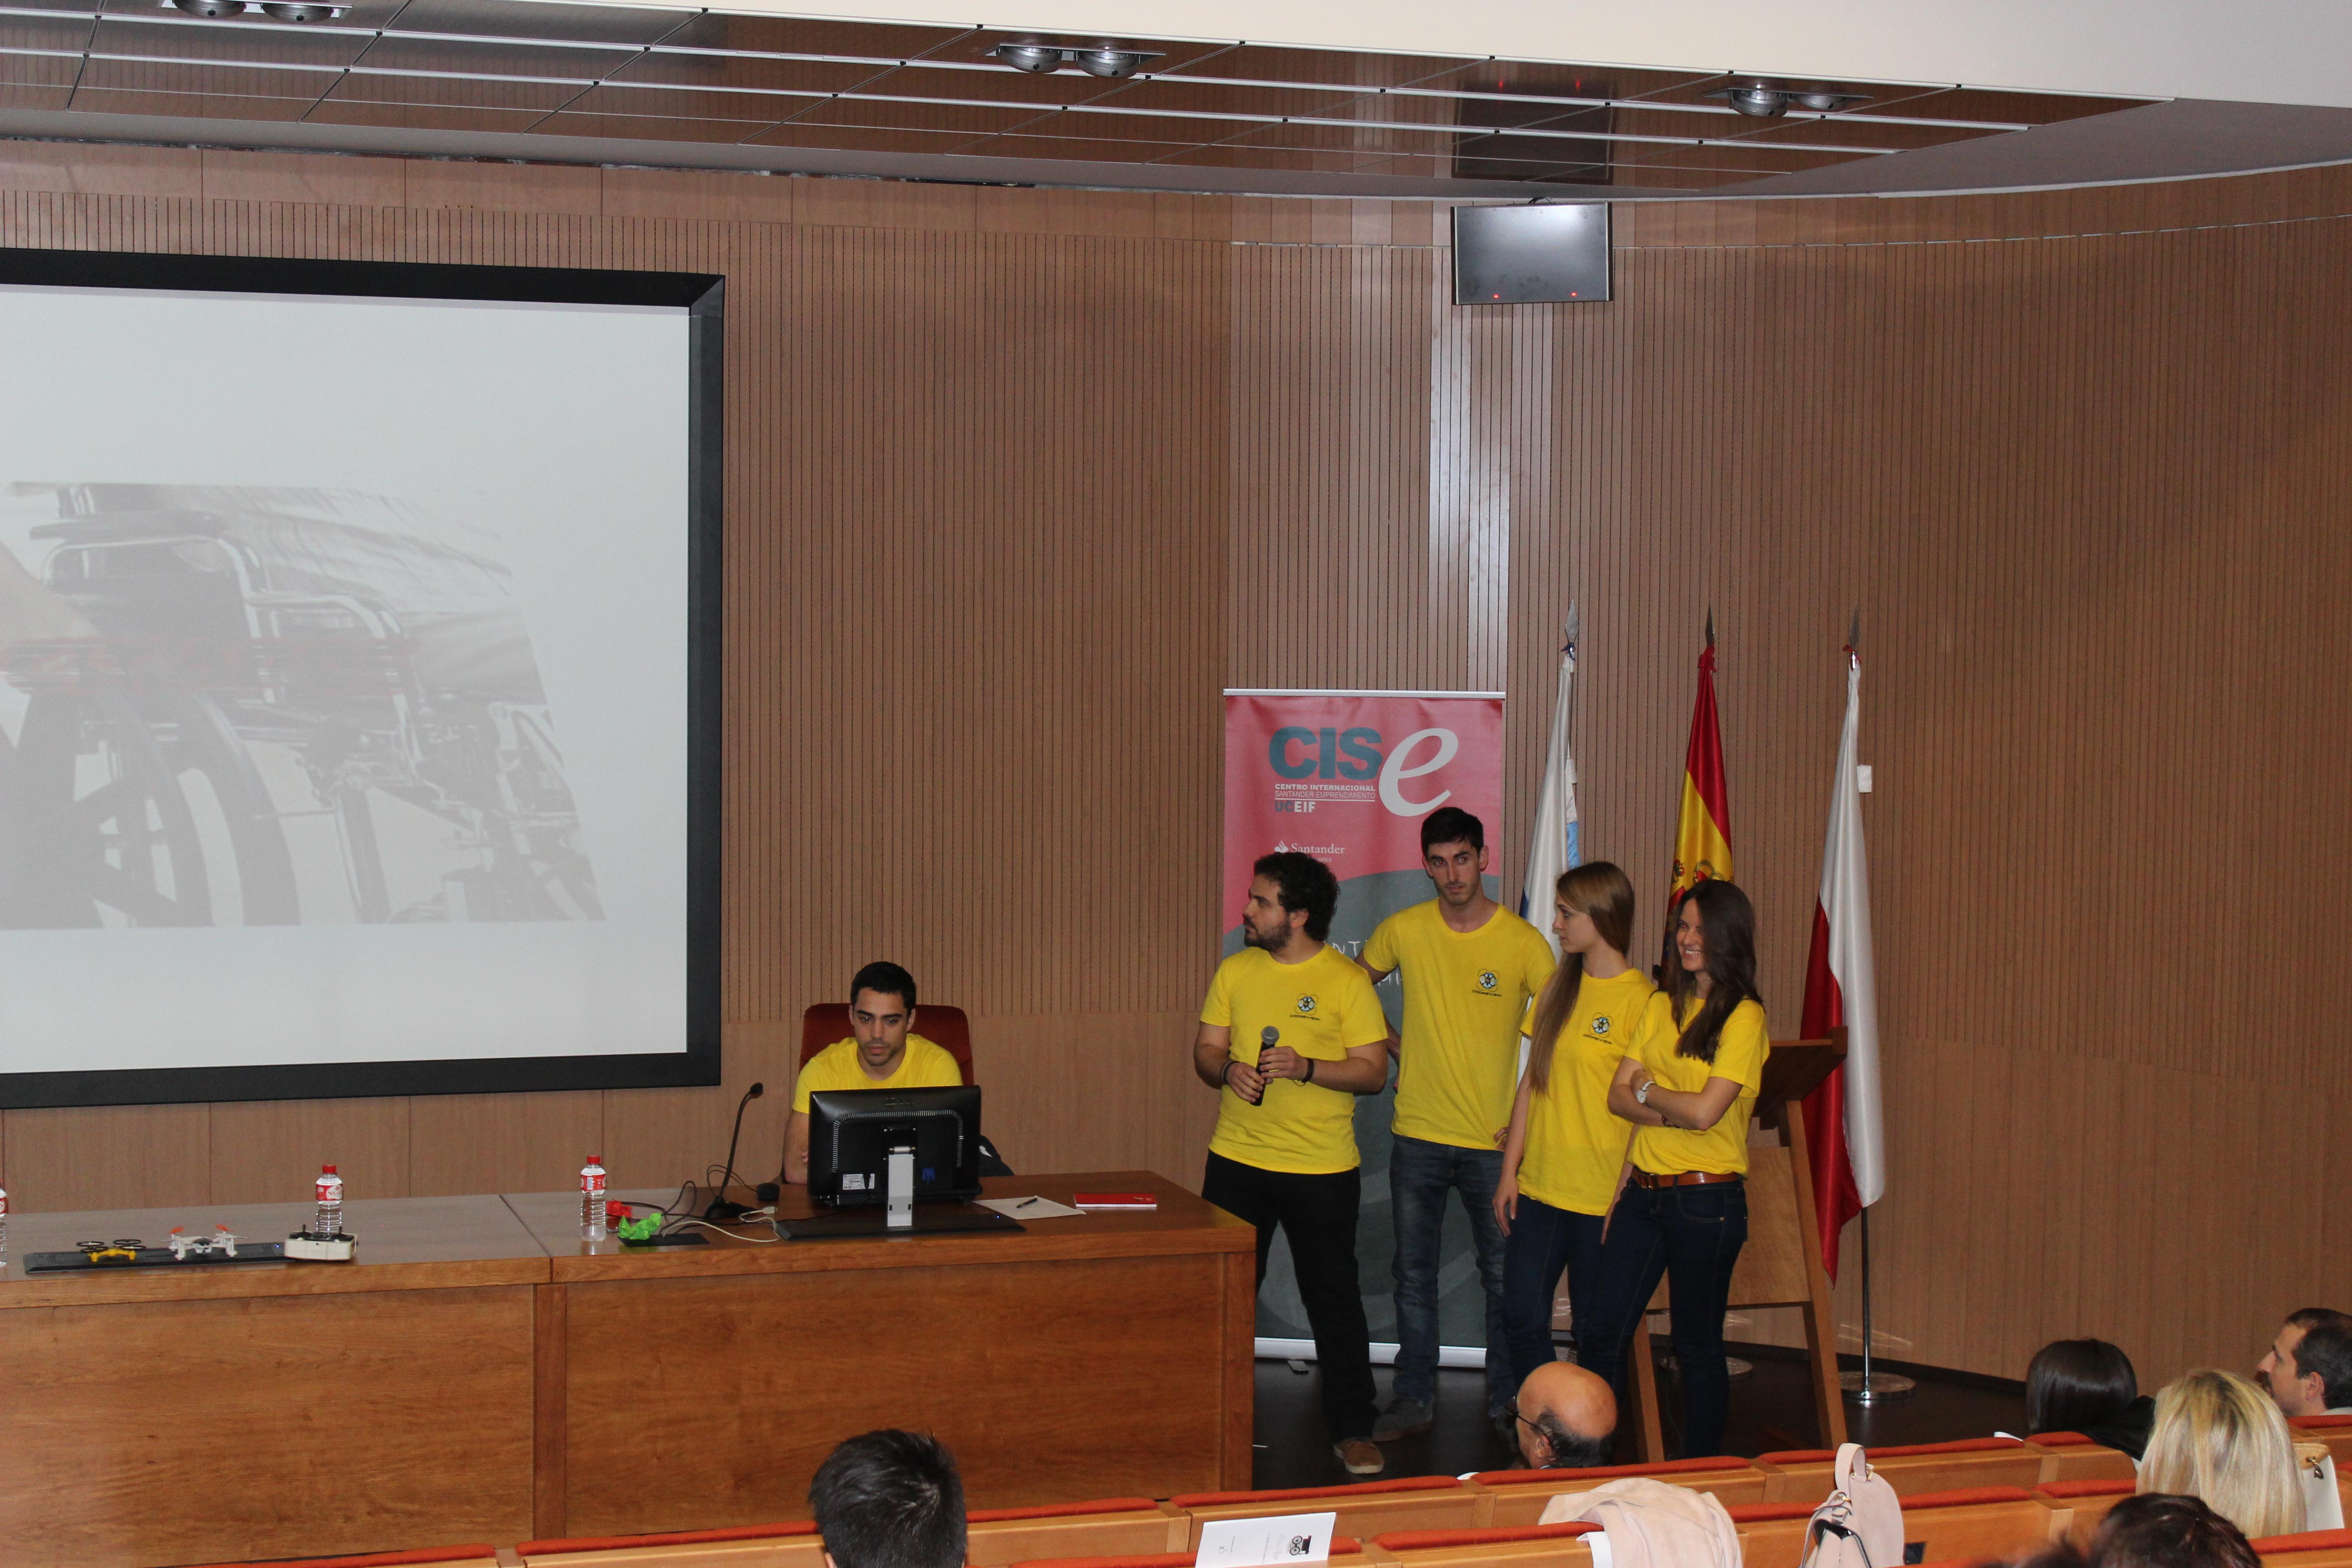 Uno de los proyectos participantes